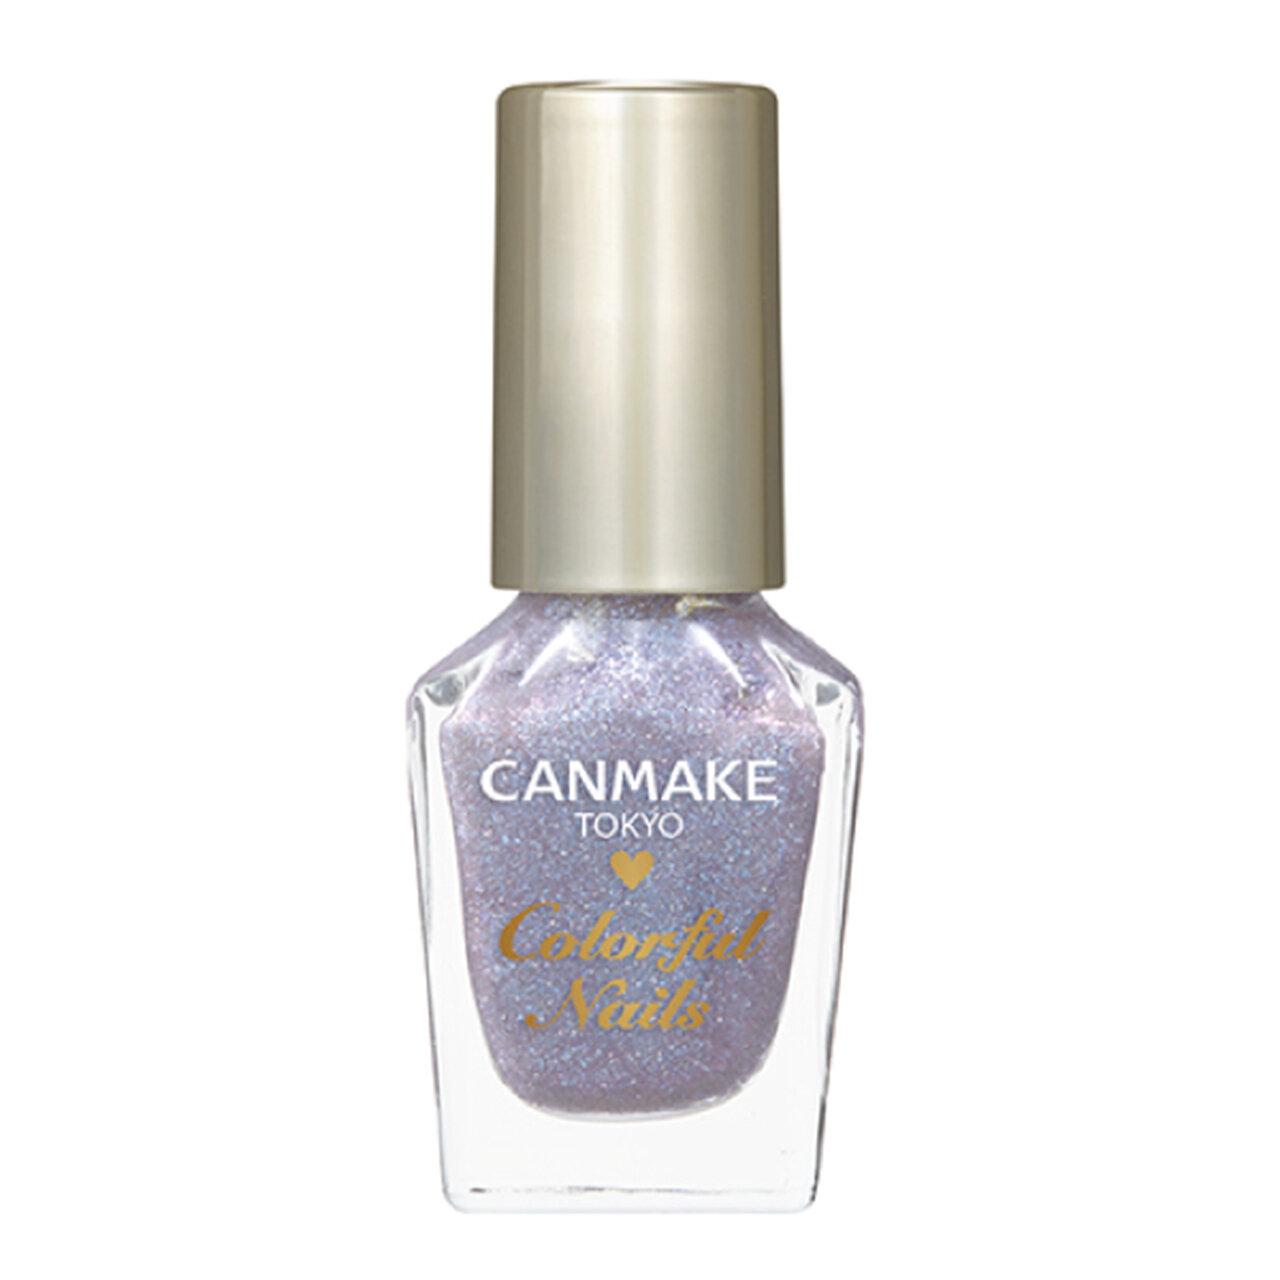 CANMAKE/キャンメイク「カラフルネイルズ」